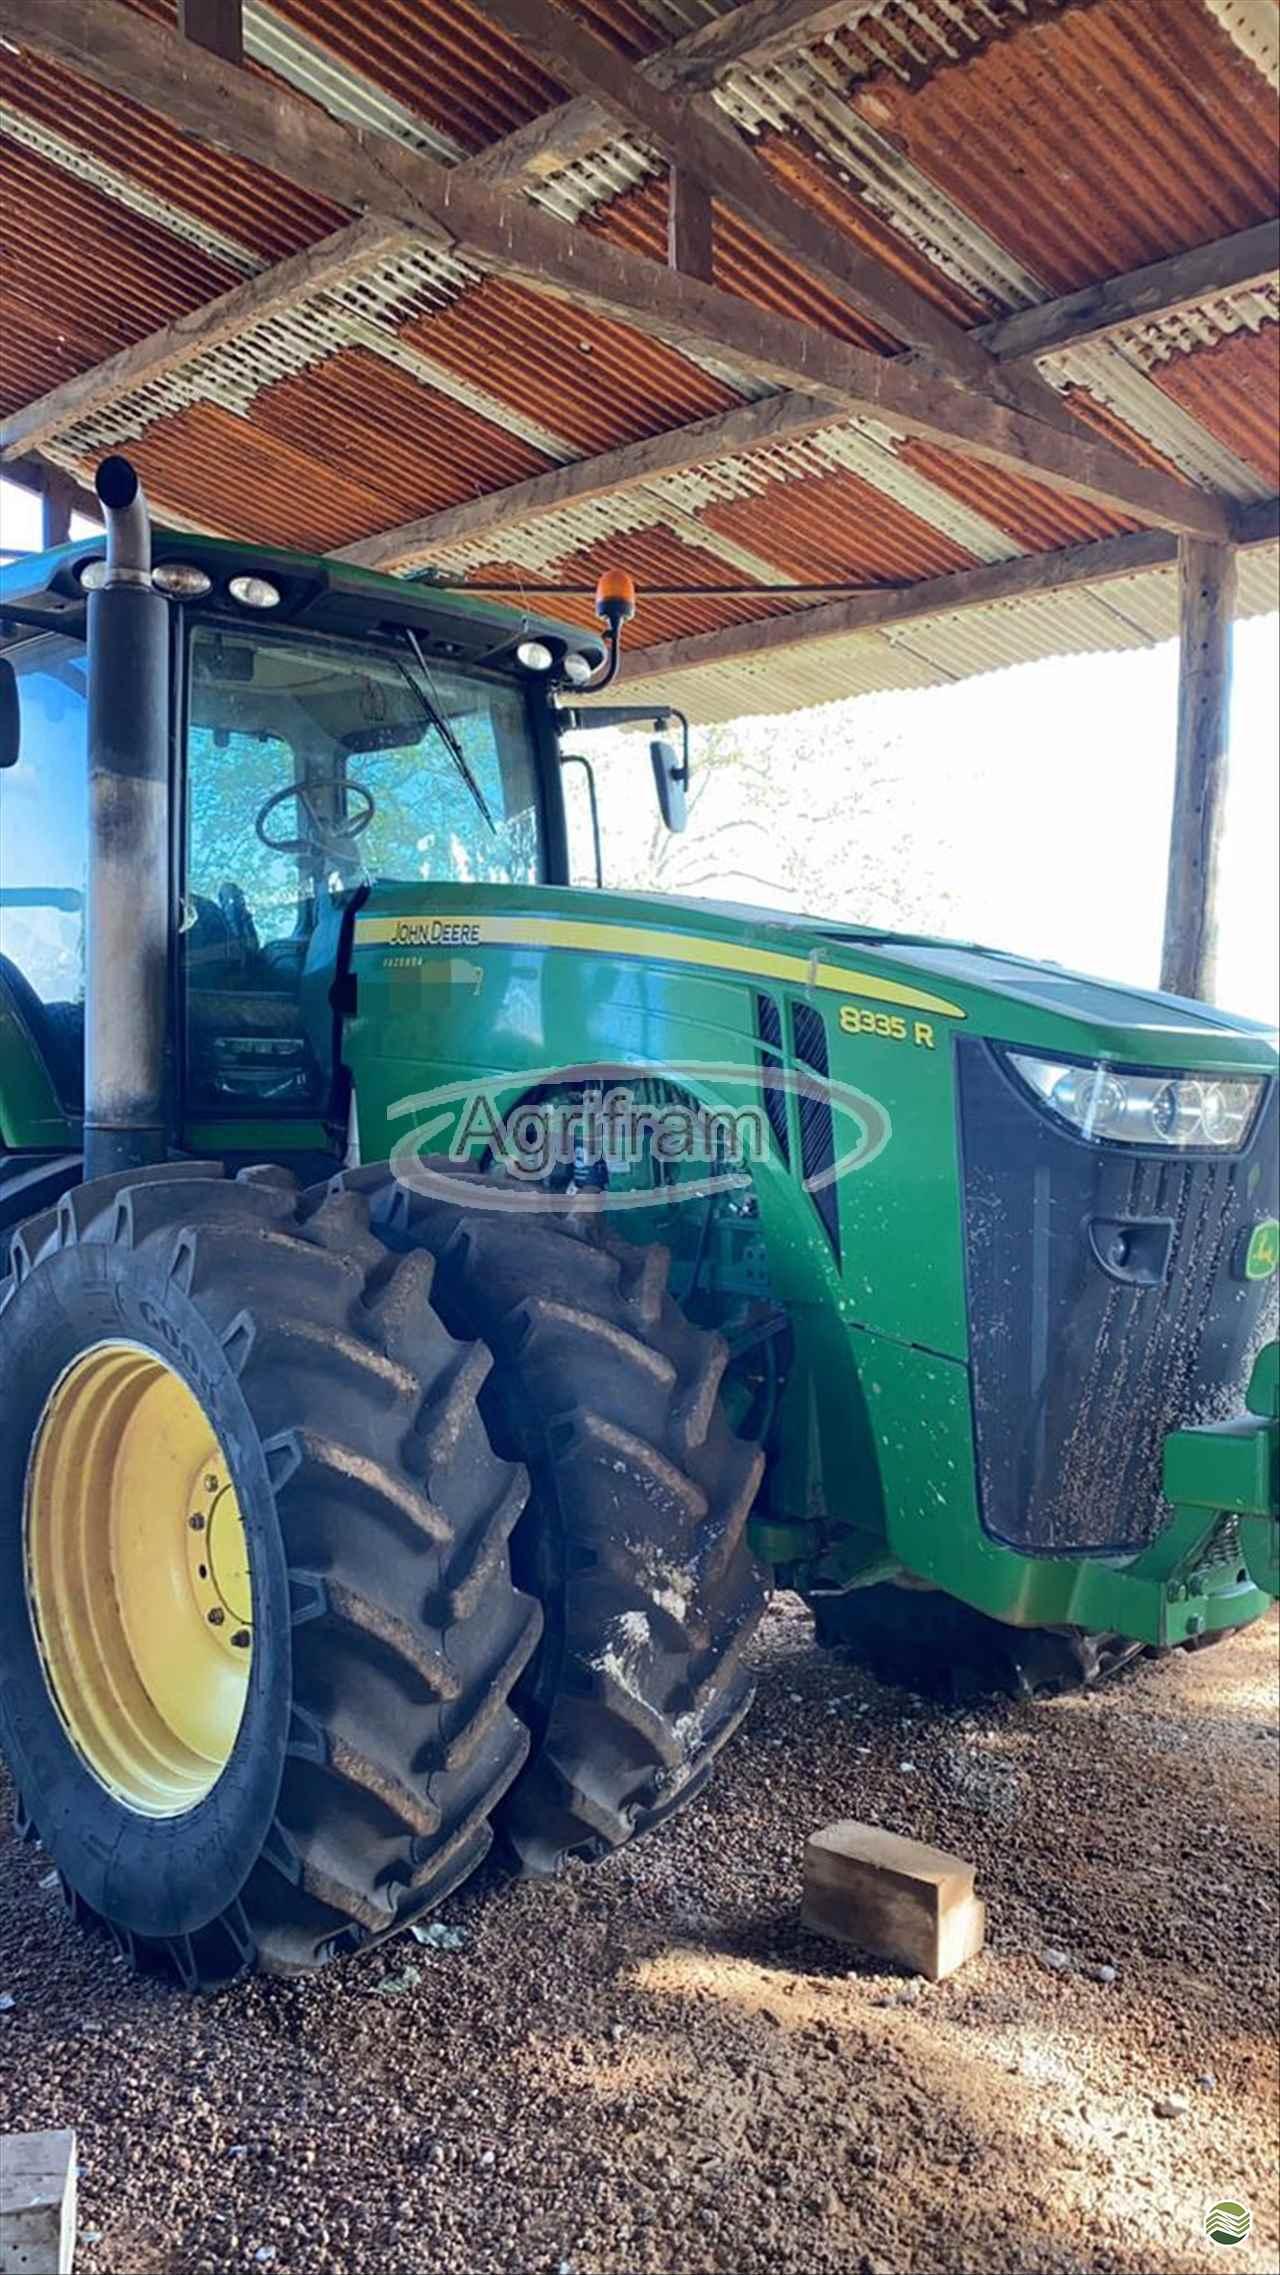 TRATOR JOHN DEERE JOHN DEERE 8335 Tração 4x4 Agrifram Máquinas e Soluções Agrícolas LUIS EDUARDO MAGALHAES BAHIA BA